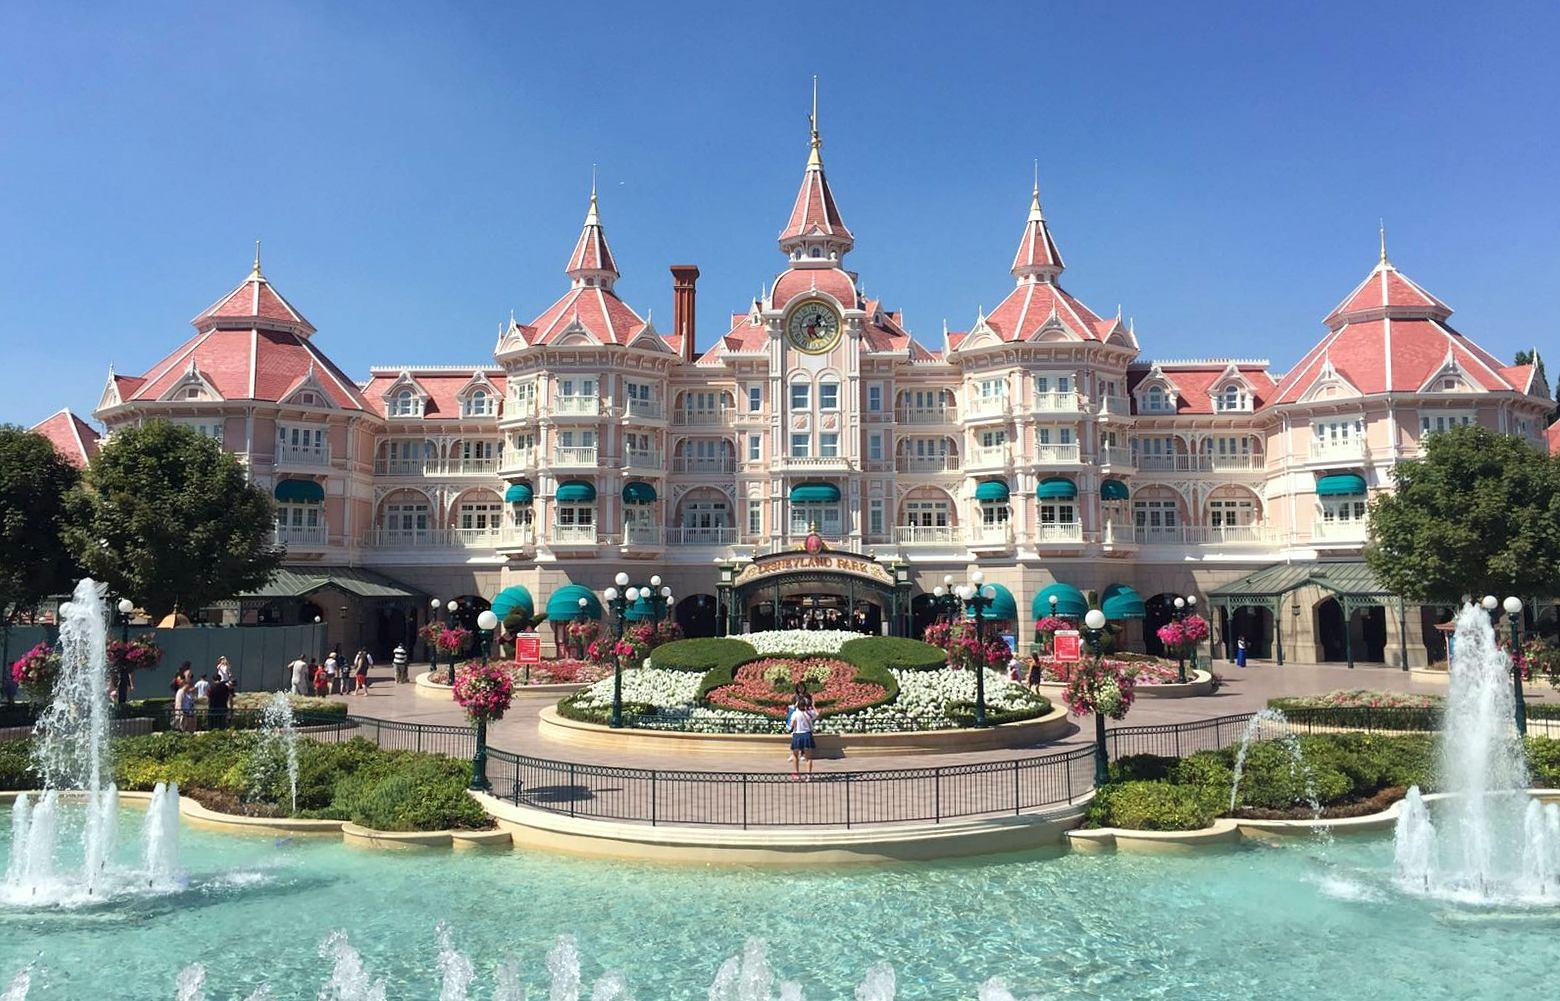 Hotel y entrada a Disney. Consejos y trucos para aprovechar Disneyland París al máximo